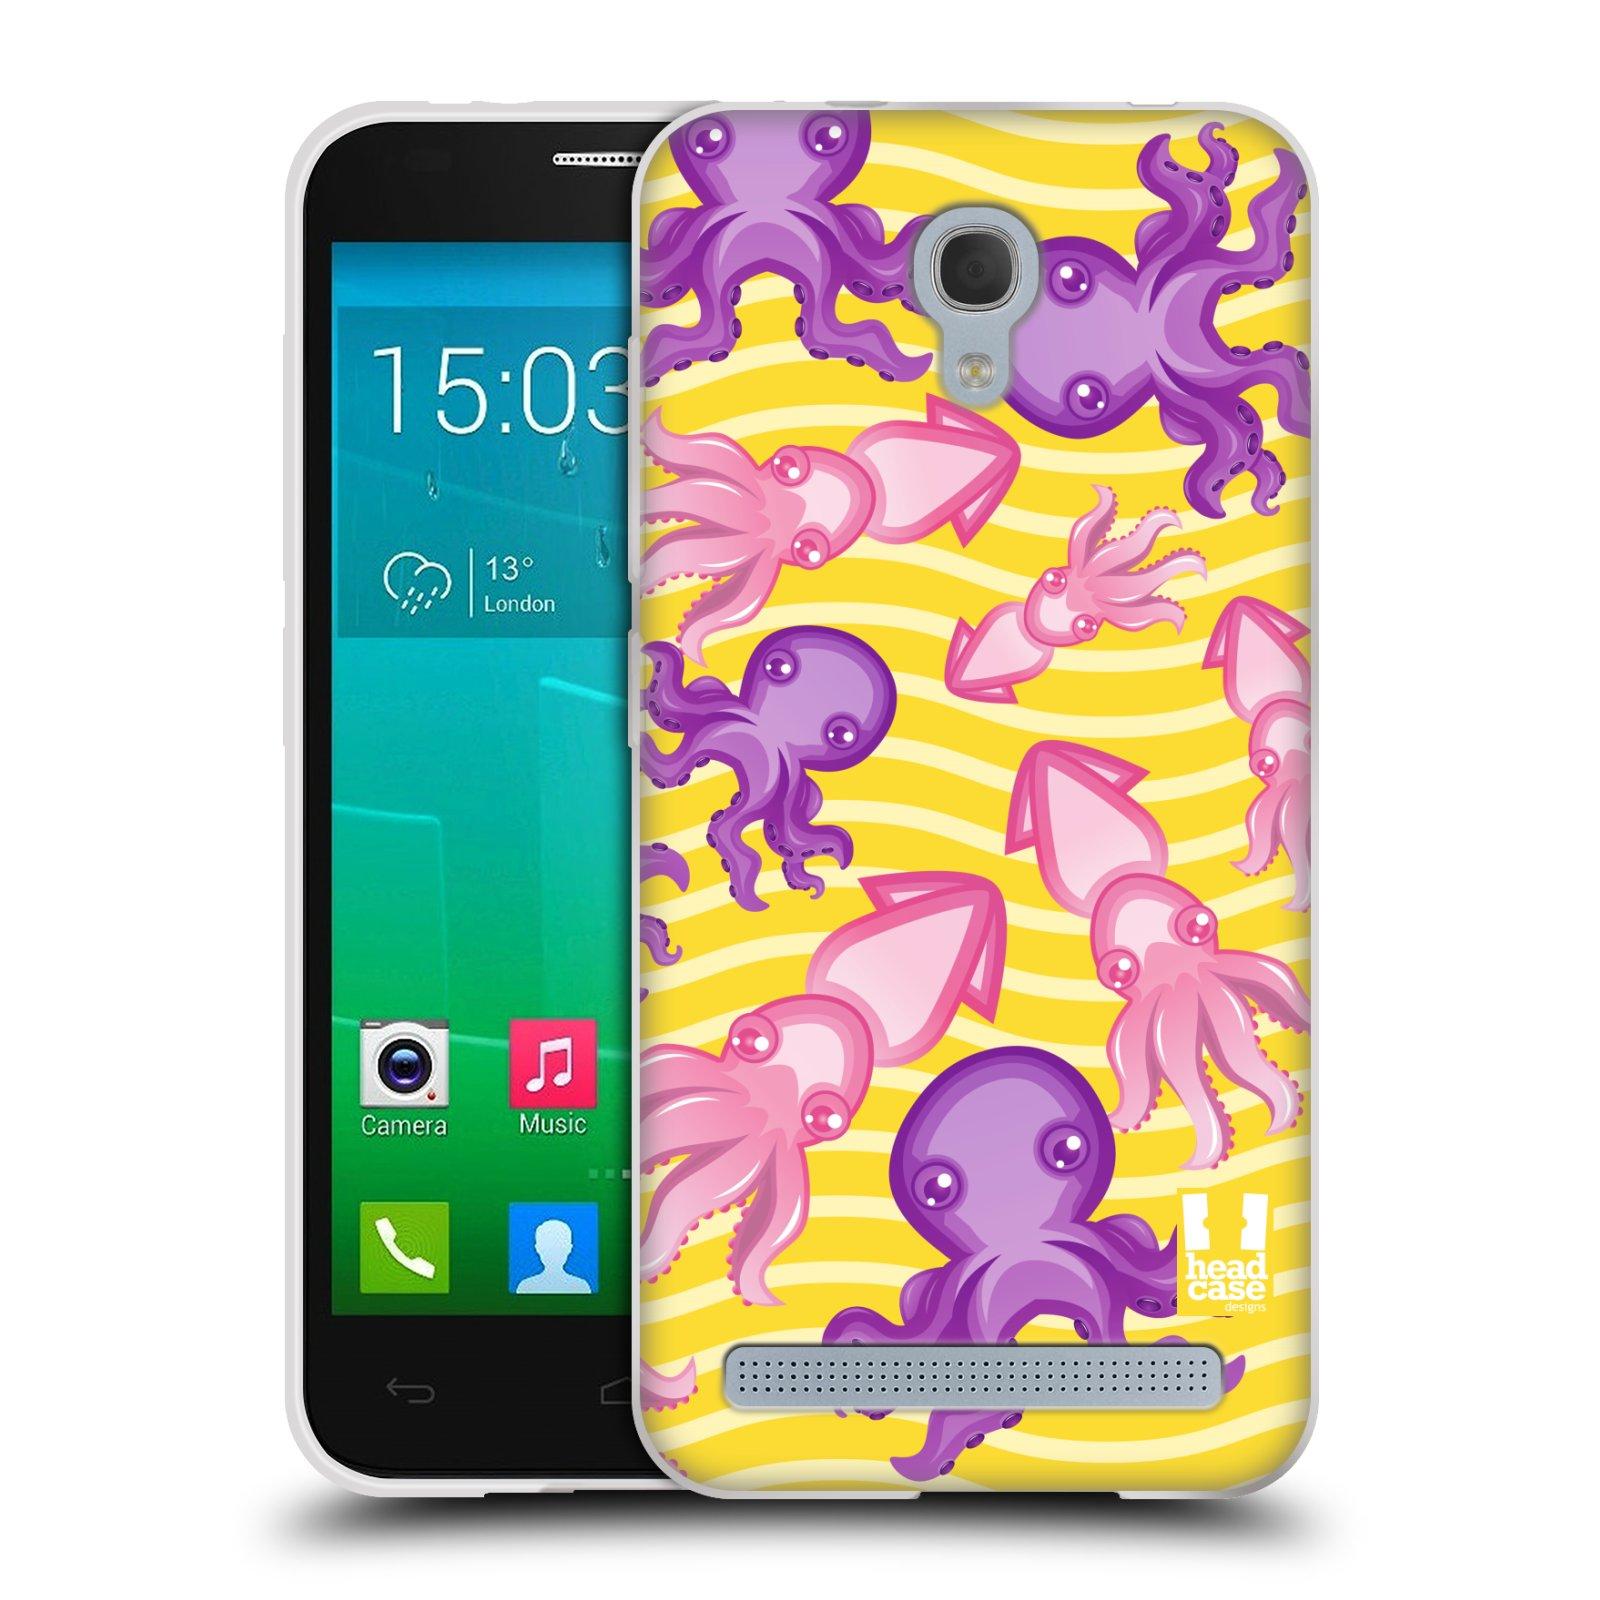 HEAD CASE silikonový obal na mobil Alcatel Idol 2 MINI S 6036Y vzor mořský živočich chobotnice